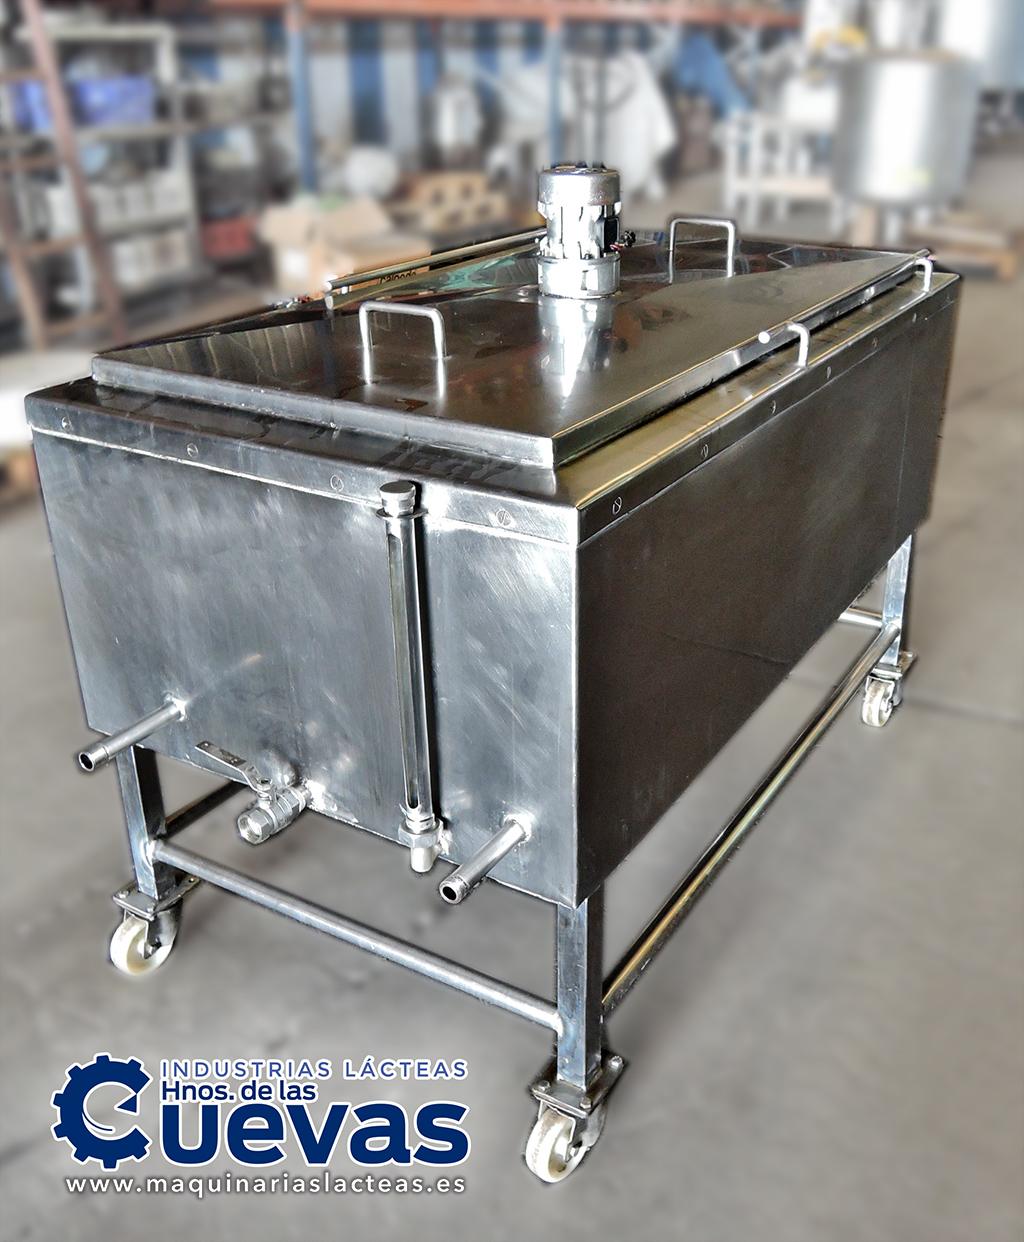 cuba-queso-maquinariaslacteas-DSCN5119